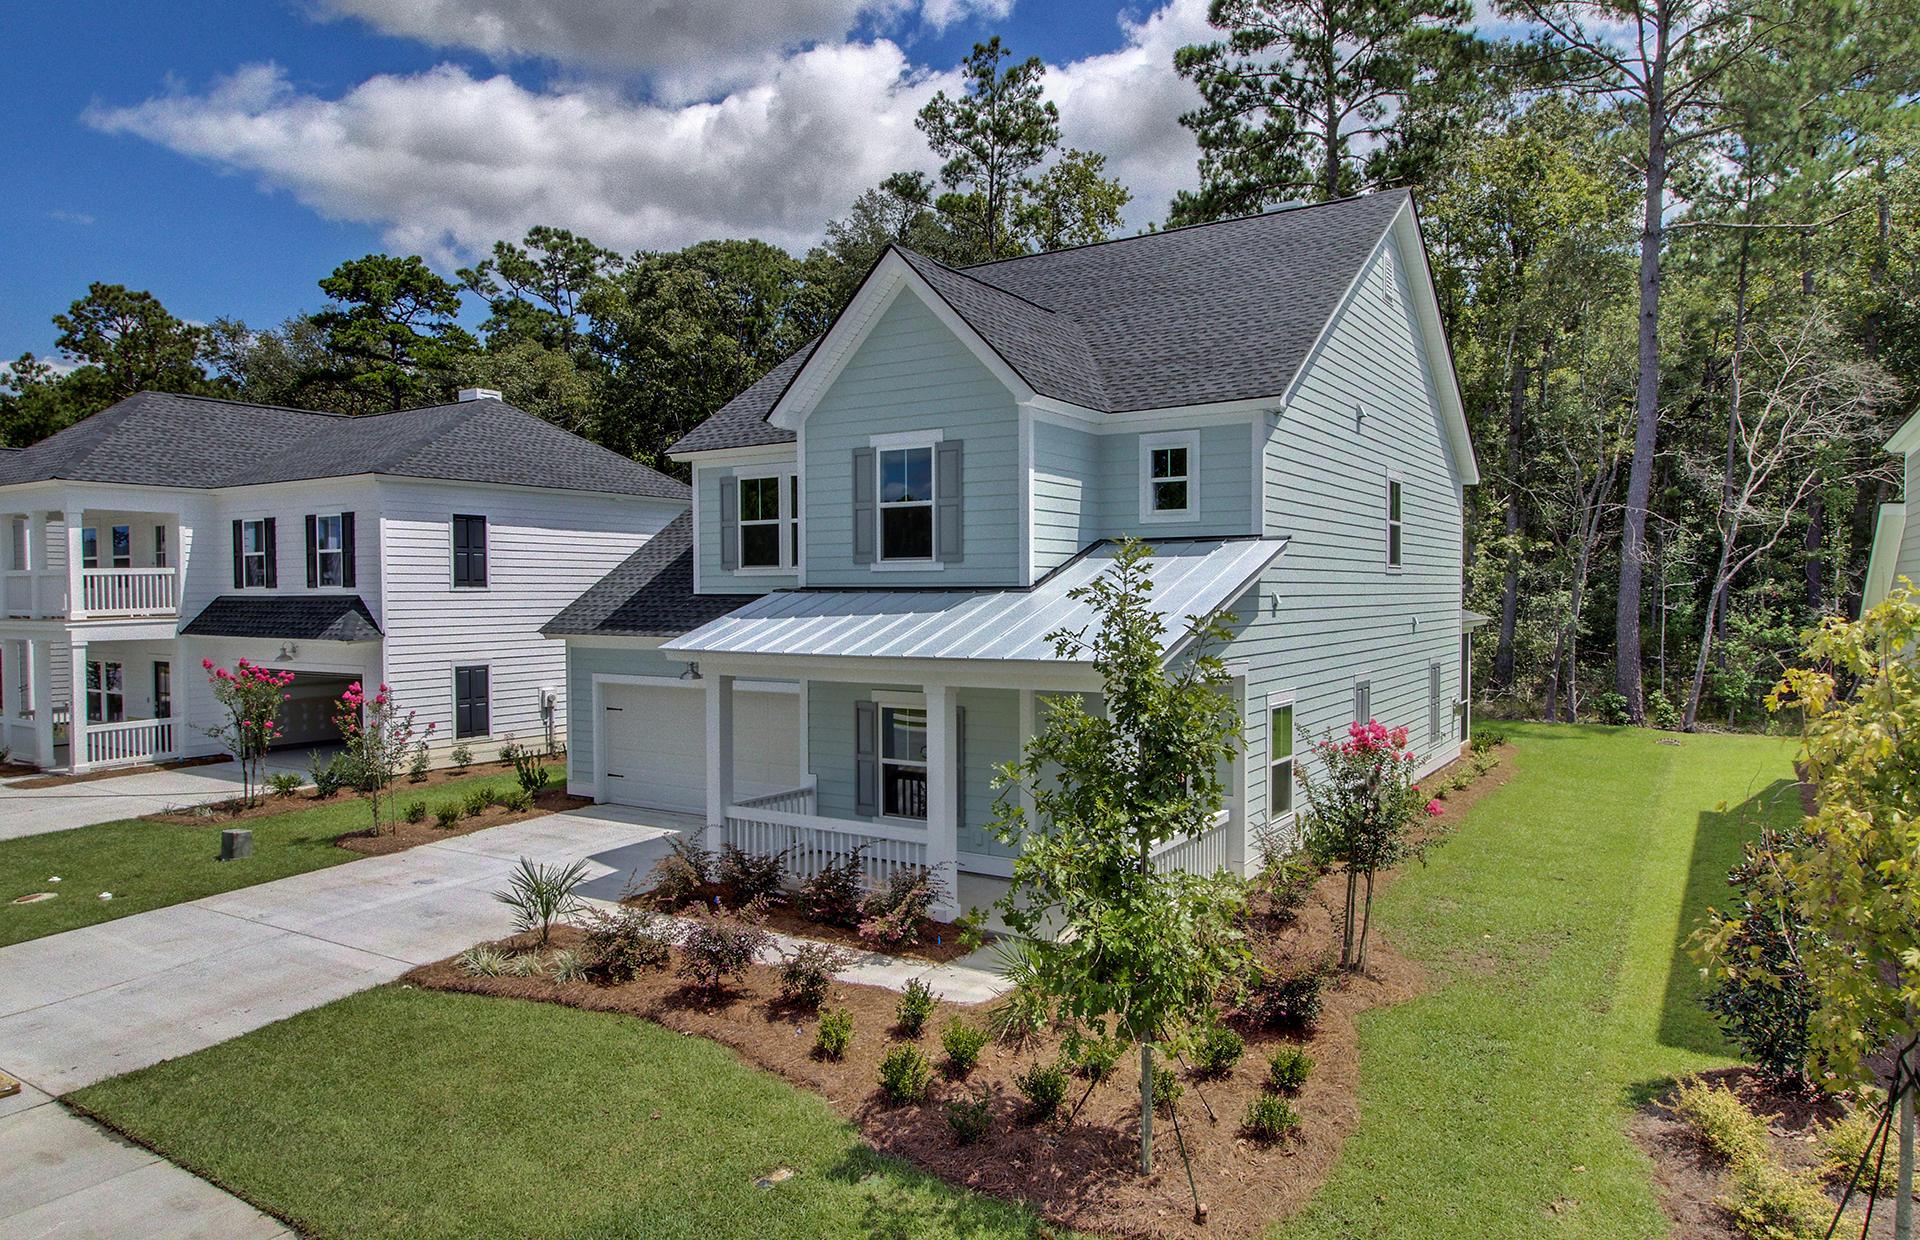 Park West Homes For Sale - 3013 Caspian, Mount Pleasant, SC - 52